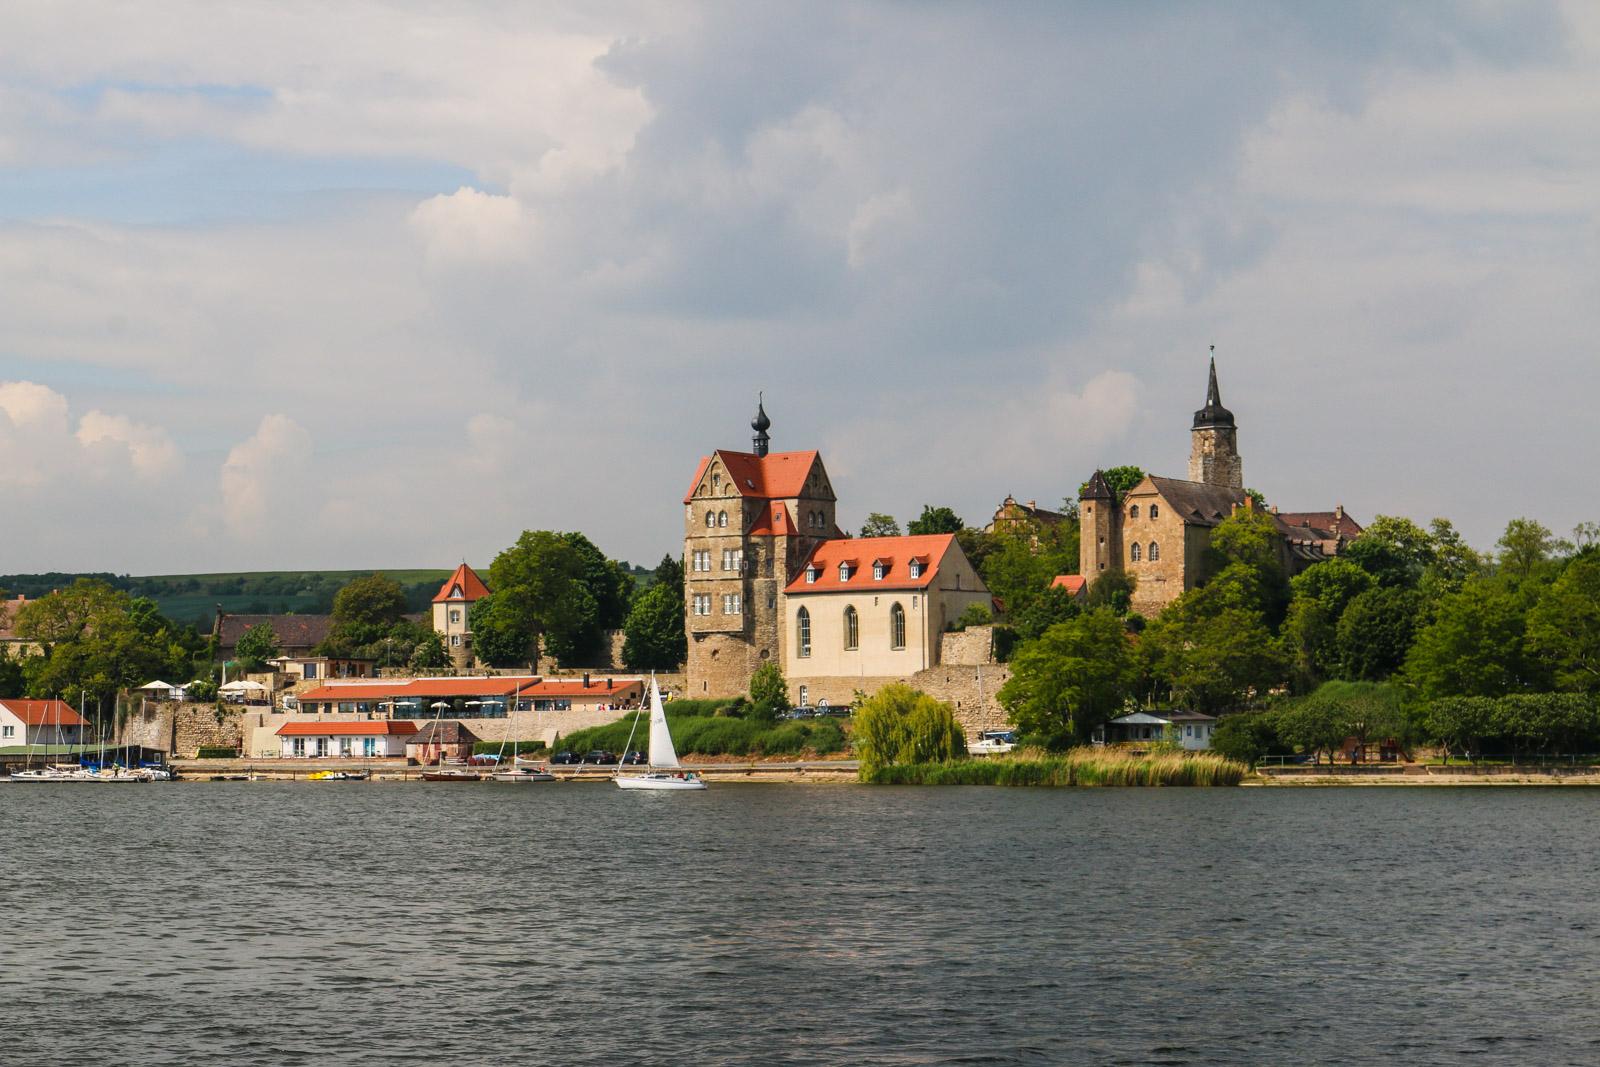 Zuhause ist es doch am schönsten: Und wenn man Schlösser wie Schloss Seeburg am Süßen See in der Nähe hat, gleich noch mehr.